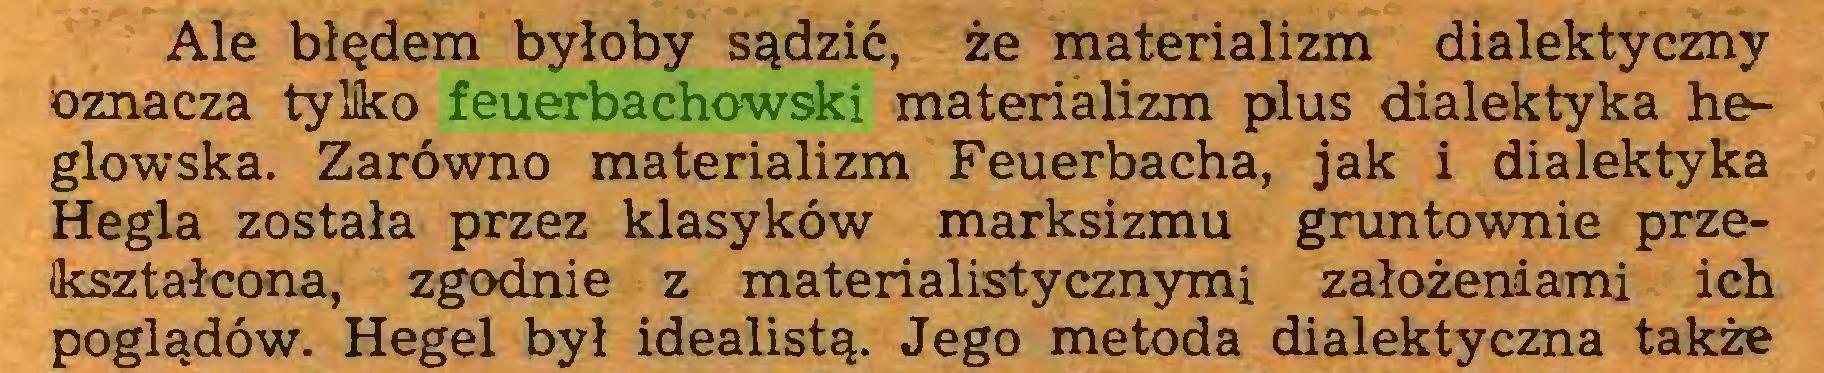 (...) Ale błędem byłoby sądzić, że materializm dialektyczny oznacza tylko feuerbachowski materializm plus dialektyka heglowska. Zarówno materializm Feuerbacha, jak i dialektyka Hegla została przez klasyków marksizmu gruntownie przekształcona, zgodnie z materialistycznymi założeniami ich poglądów. Hegel był idealistą. Jego metoda dialektyczna także...